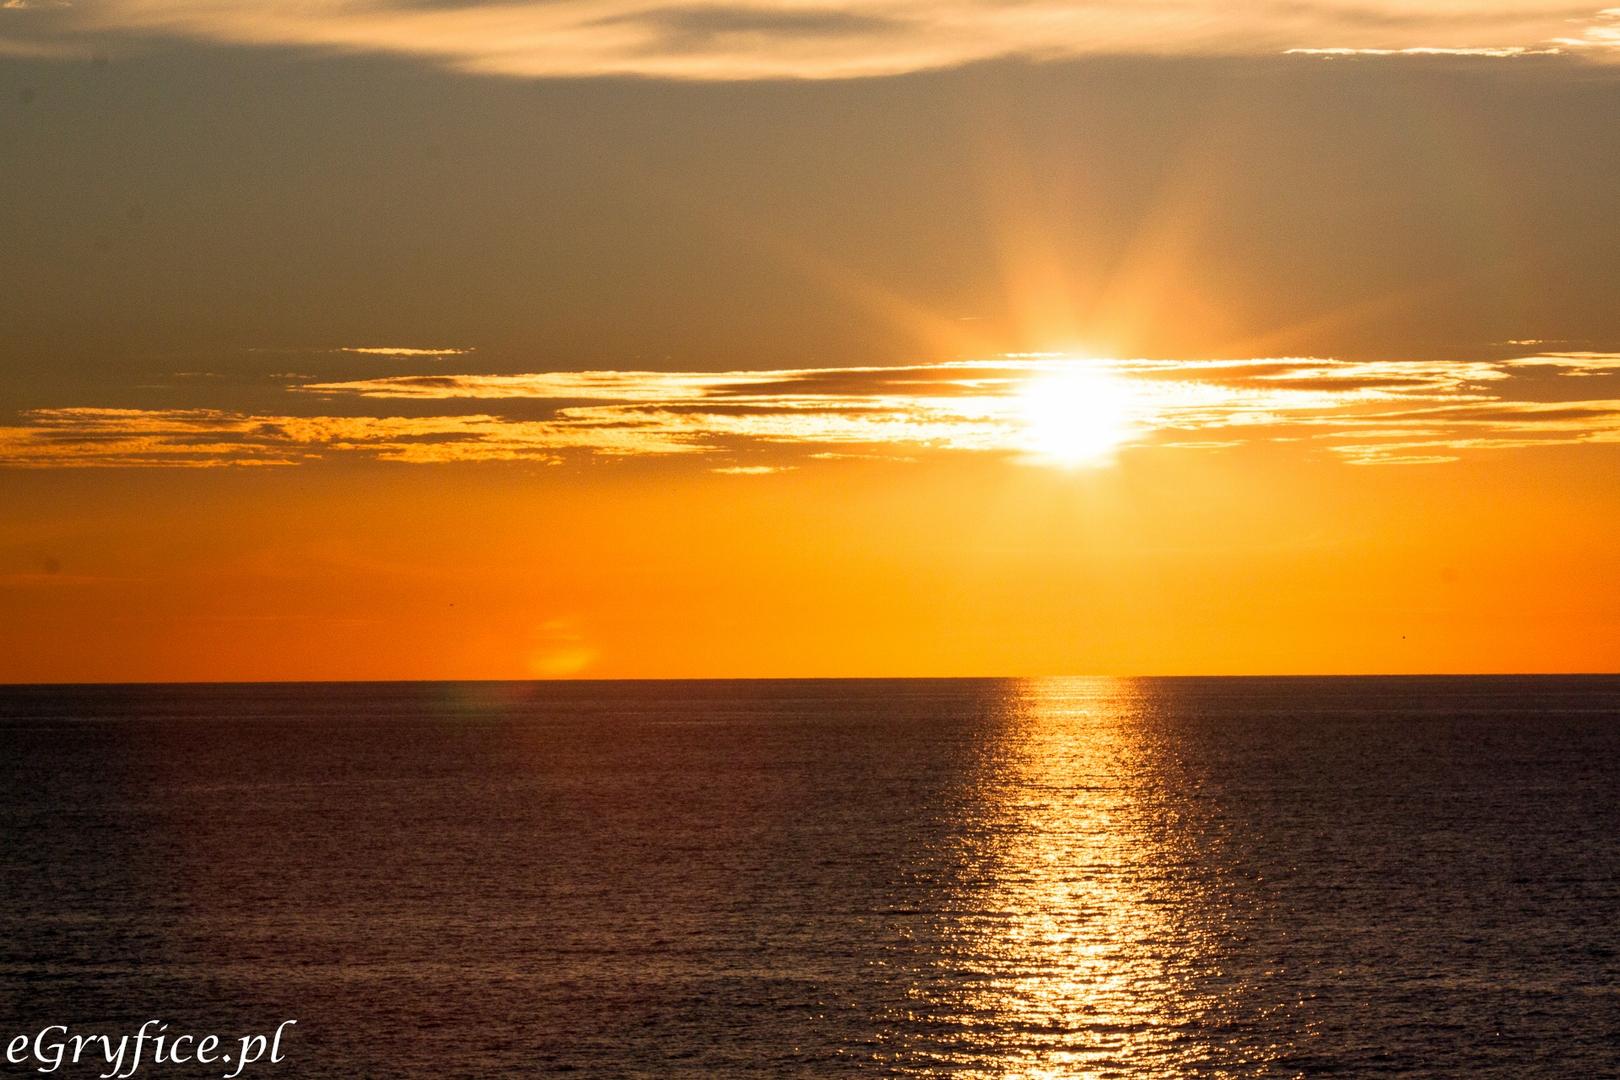 Piękny zachód słońca w Rewalu obserwowany z platformy widokowej. Turyści, którym udało się znaleźć tanie noclegi w Rewalu mogą korzystać z wielu atrakcji wybrzeża rewalskiego podczas tanich wczasów nad Bałtykiem.